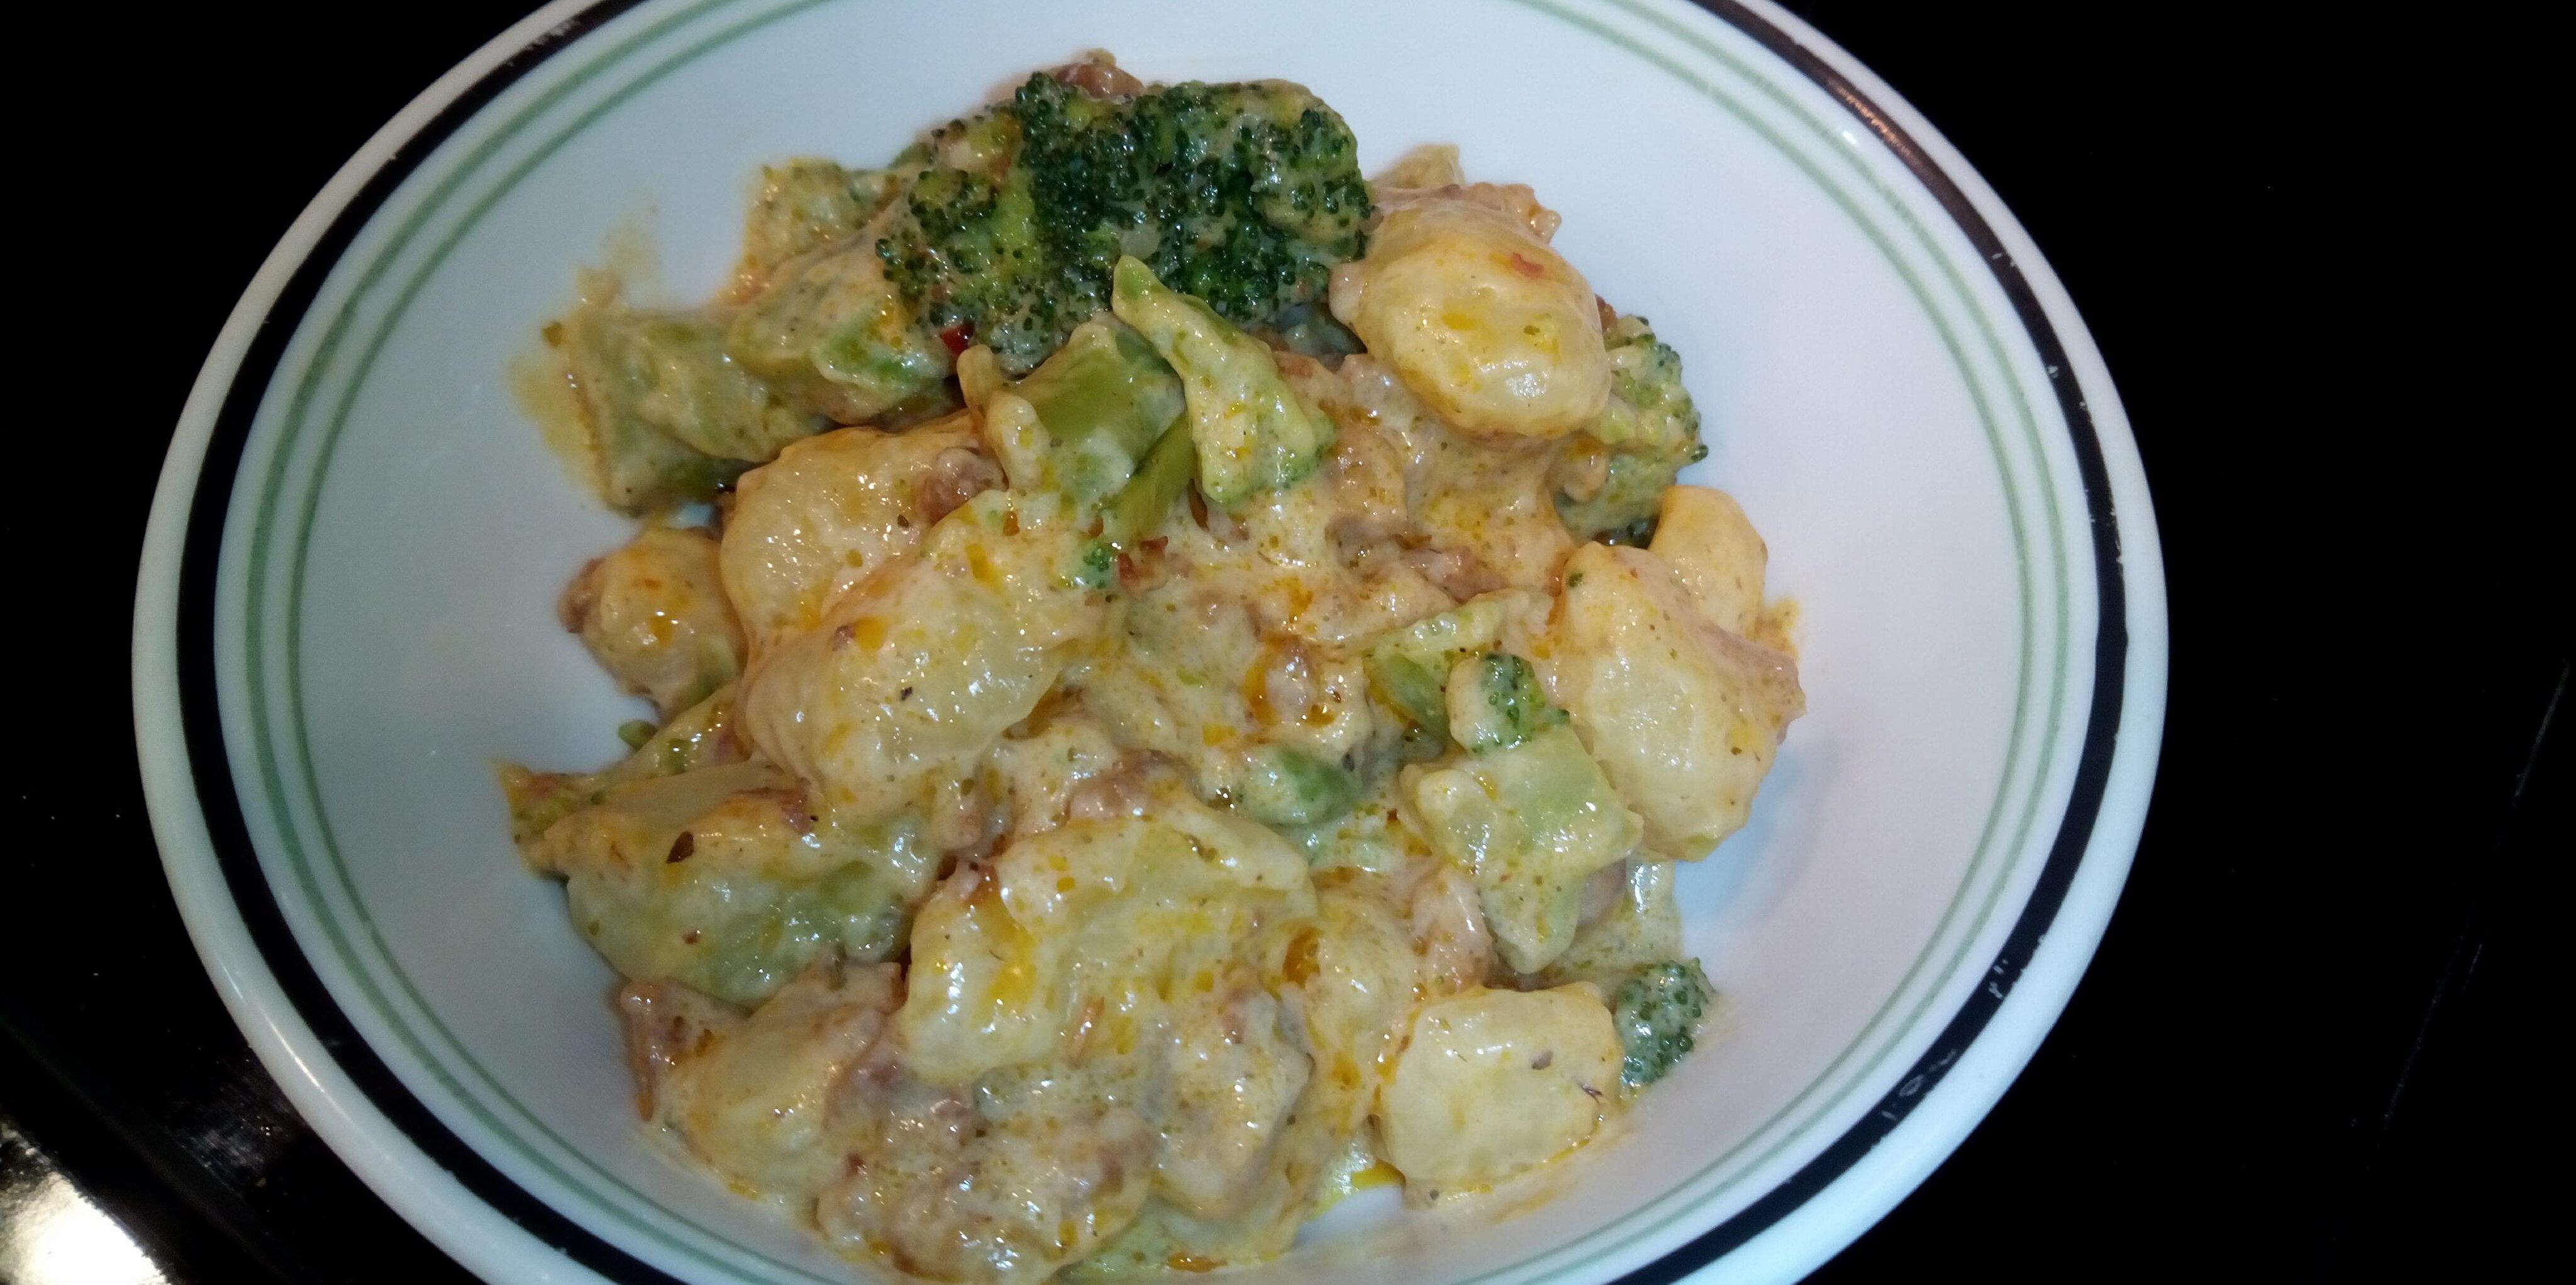 20 minute sausage broccoli gnocchi alfredo recipe